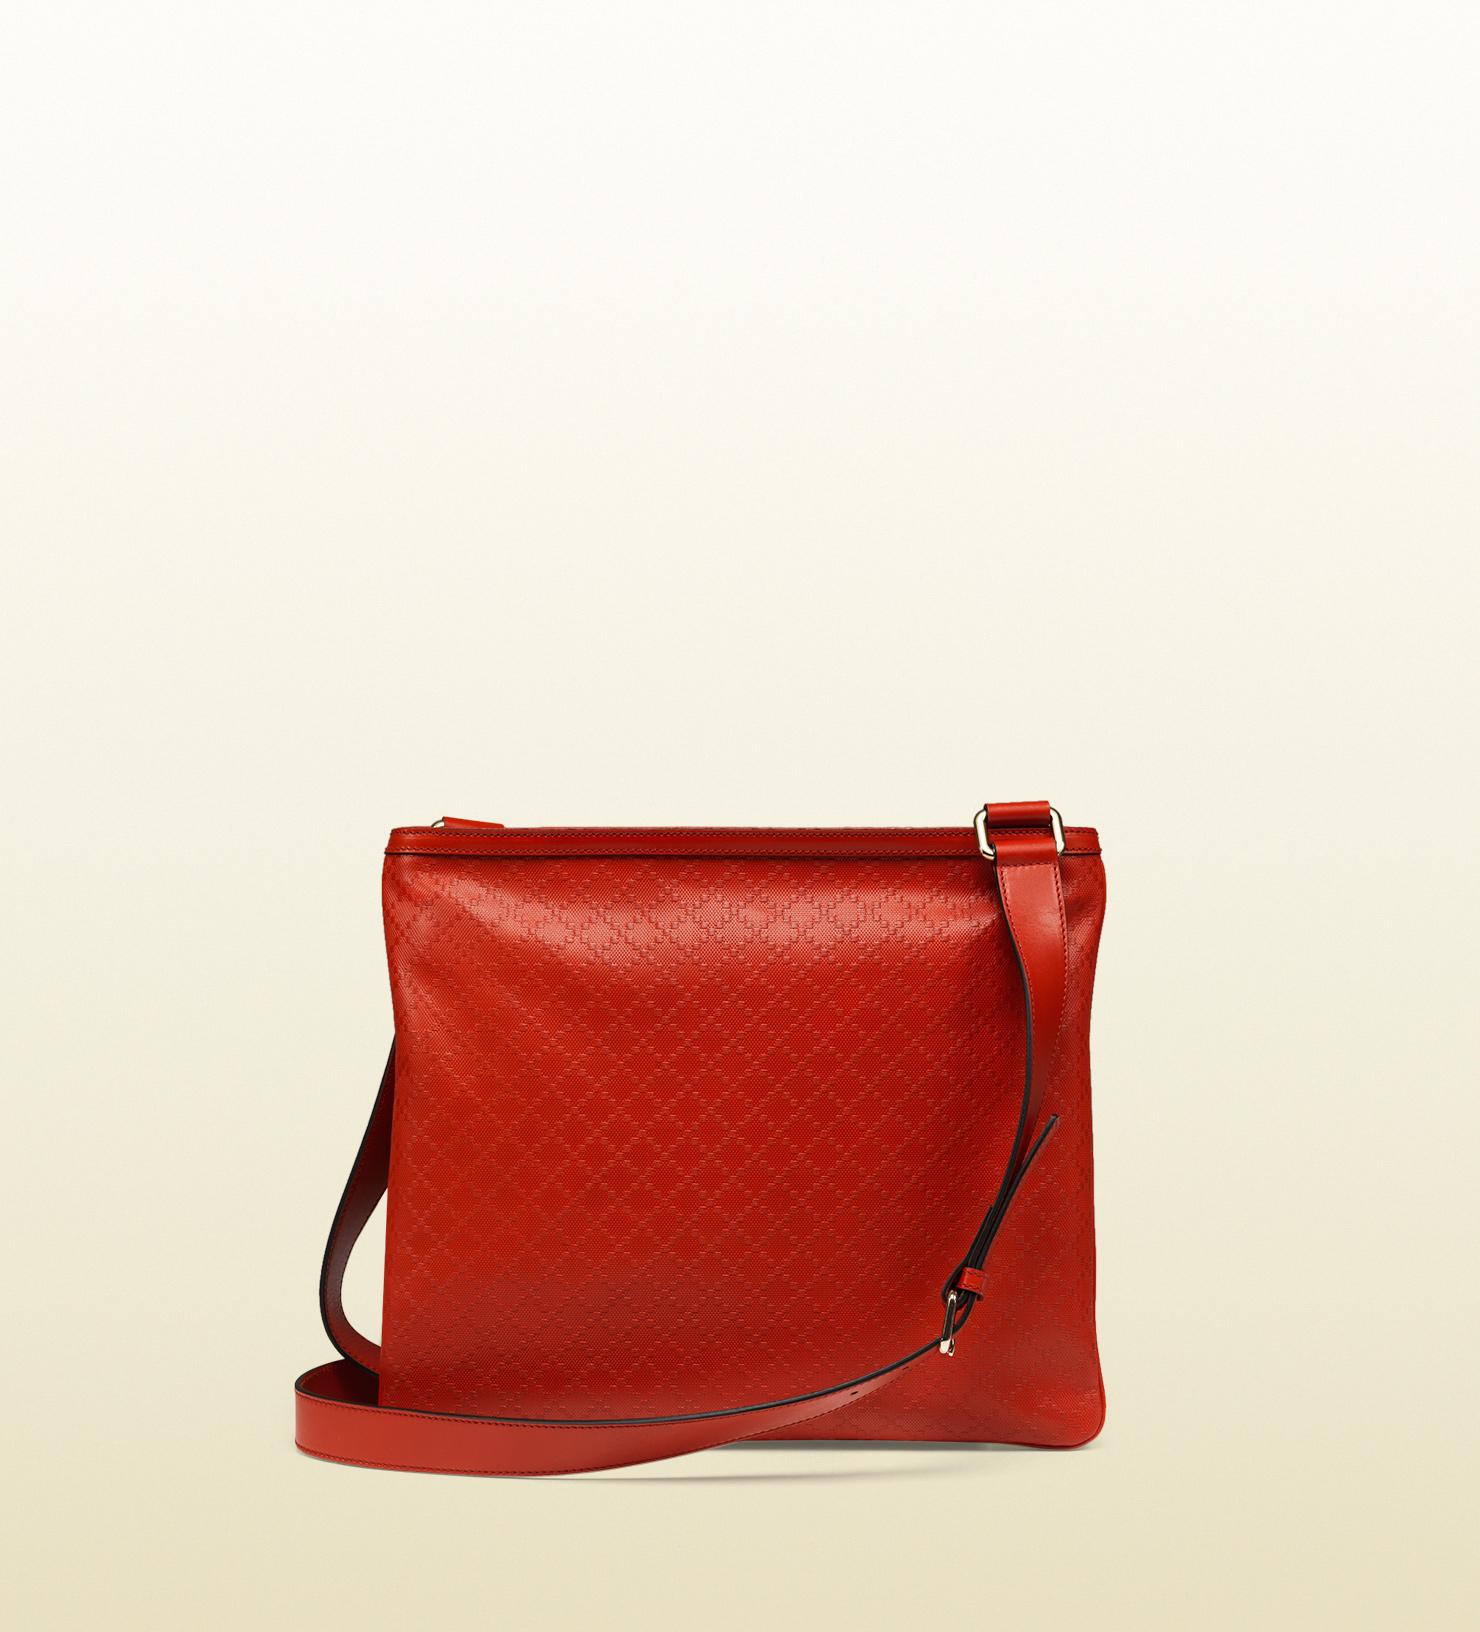 97203fcdd9d2f0 Gucci Bright Diamante Leather Messenger Bag in Orange - Lyst